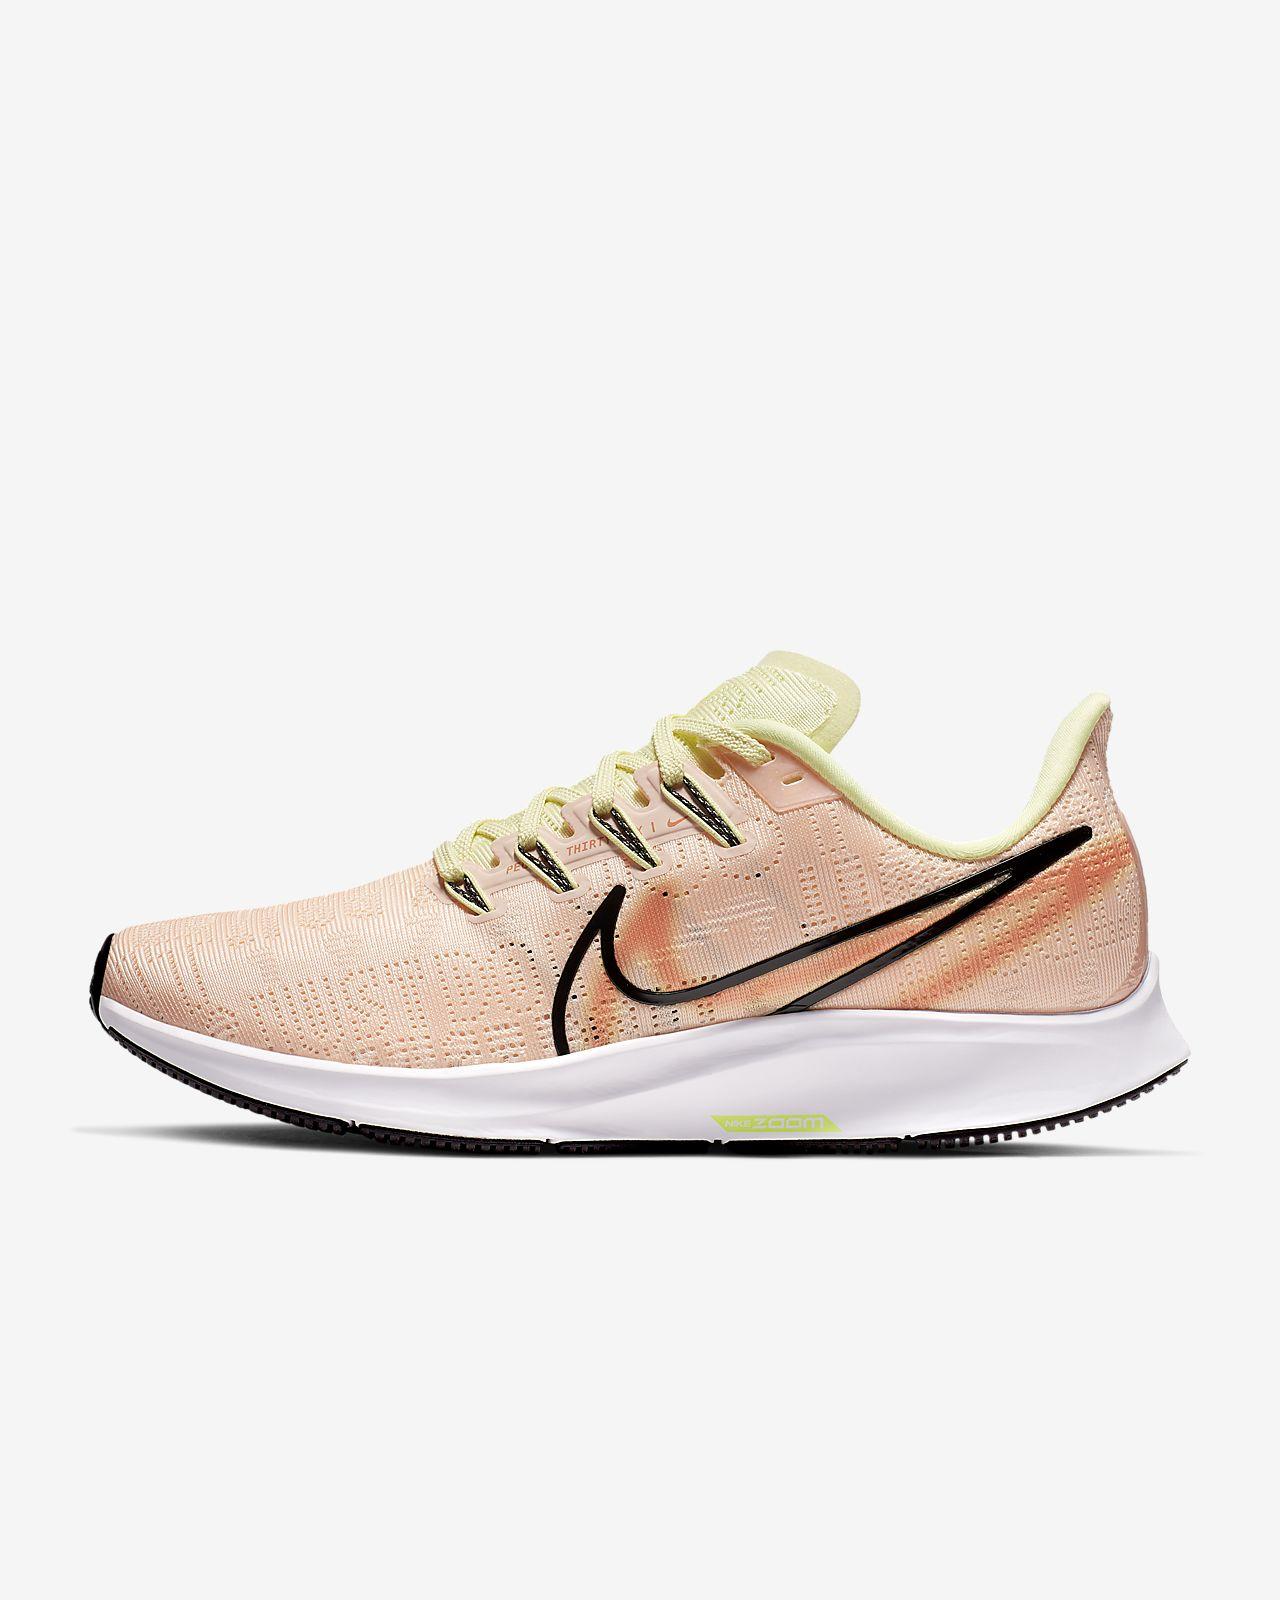 Nike Air Zoom Pegasus 36 Premium Rise Damen-Laufschuh